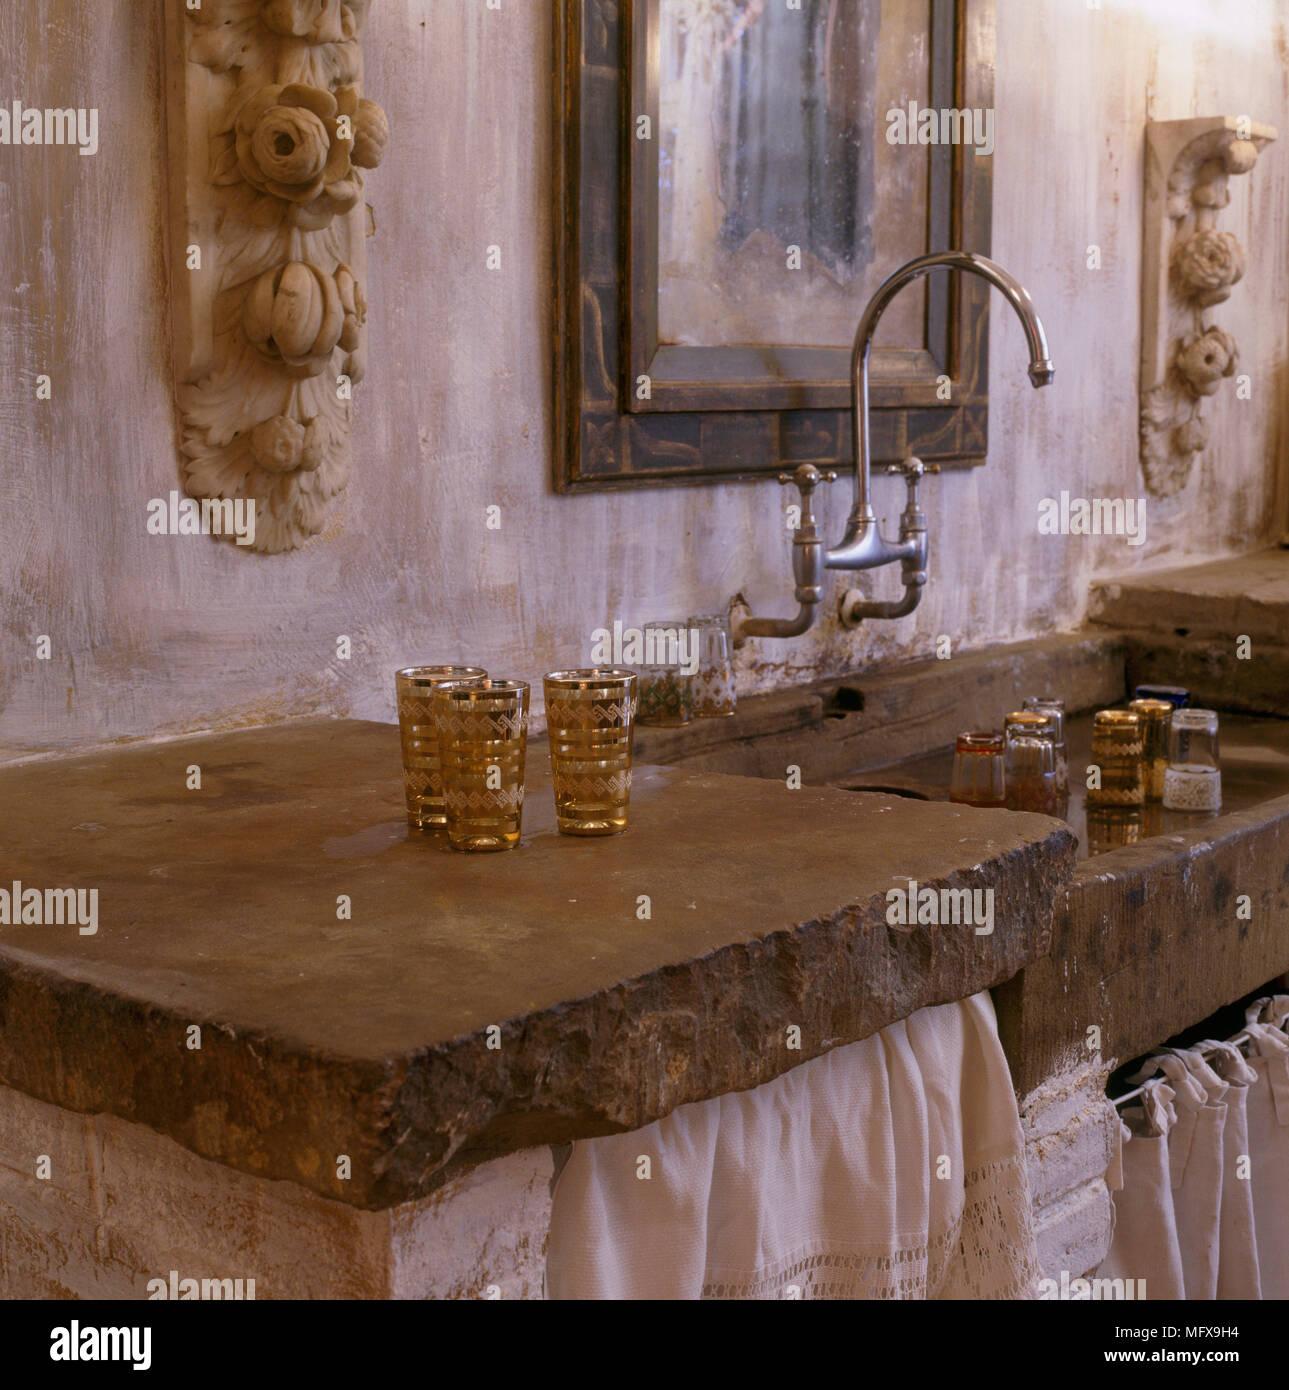 Ein Detail Einer Rustikalen Land Küche Zeigt Eine Solide